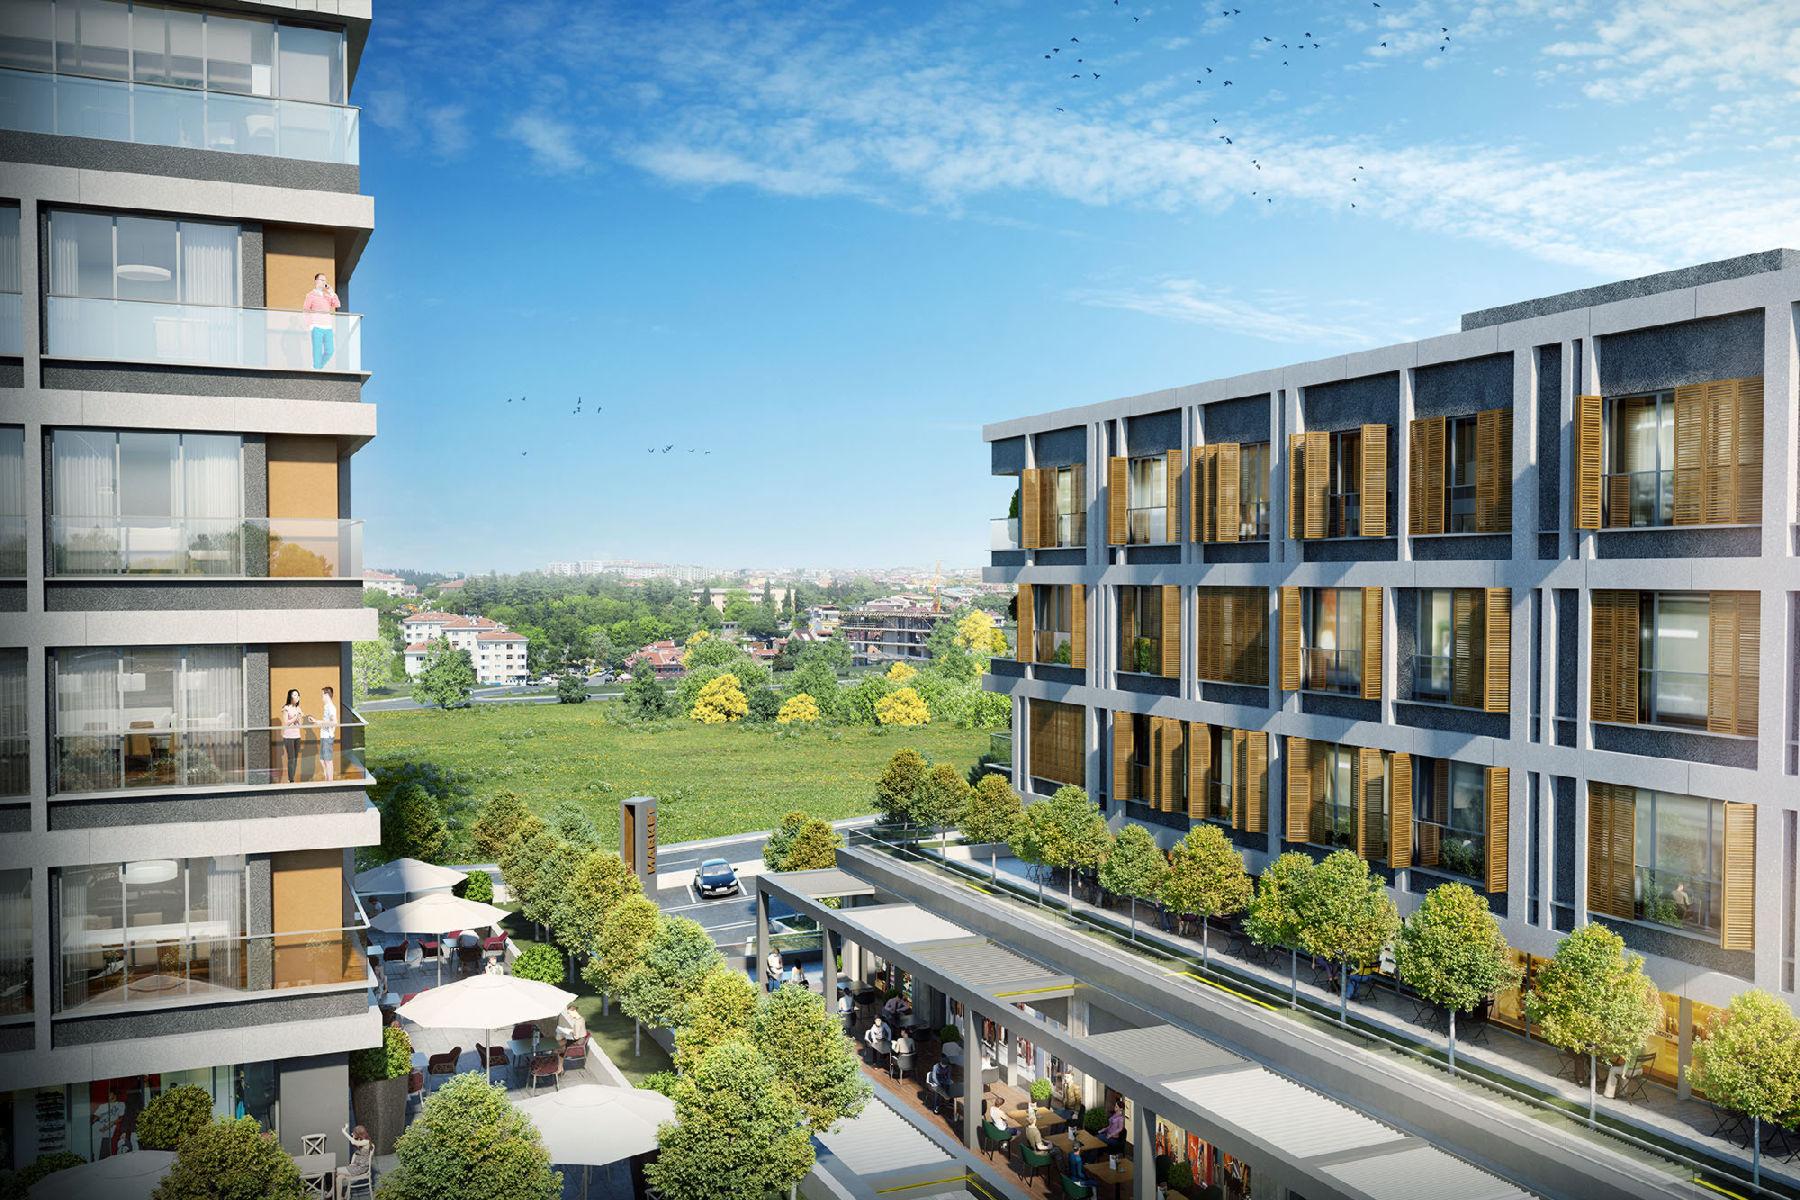 «Умные» квартиры в новом жилом комплексе Стамбула - Фото 12